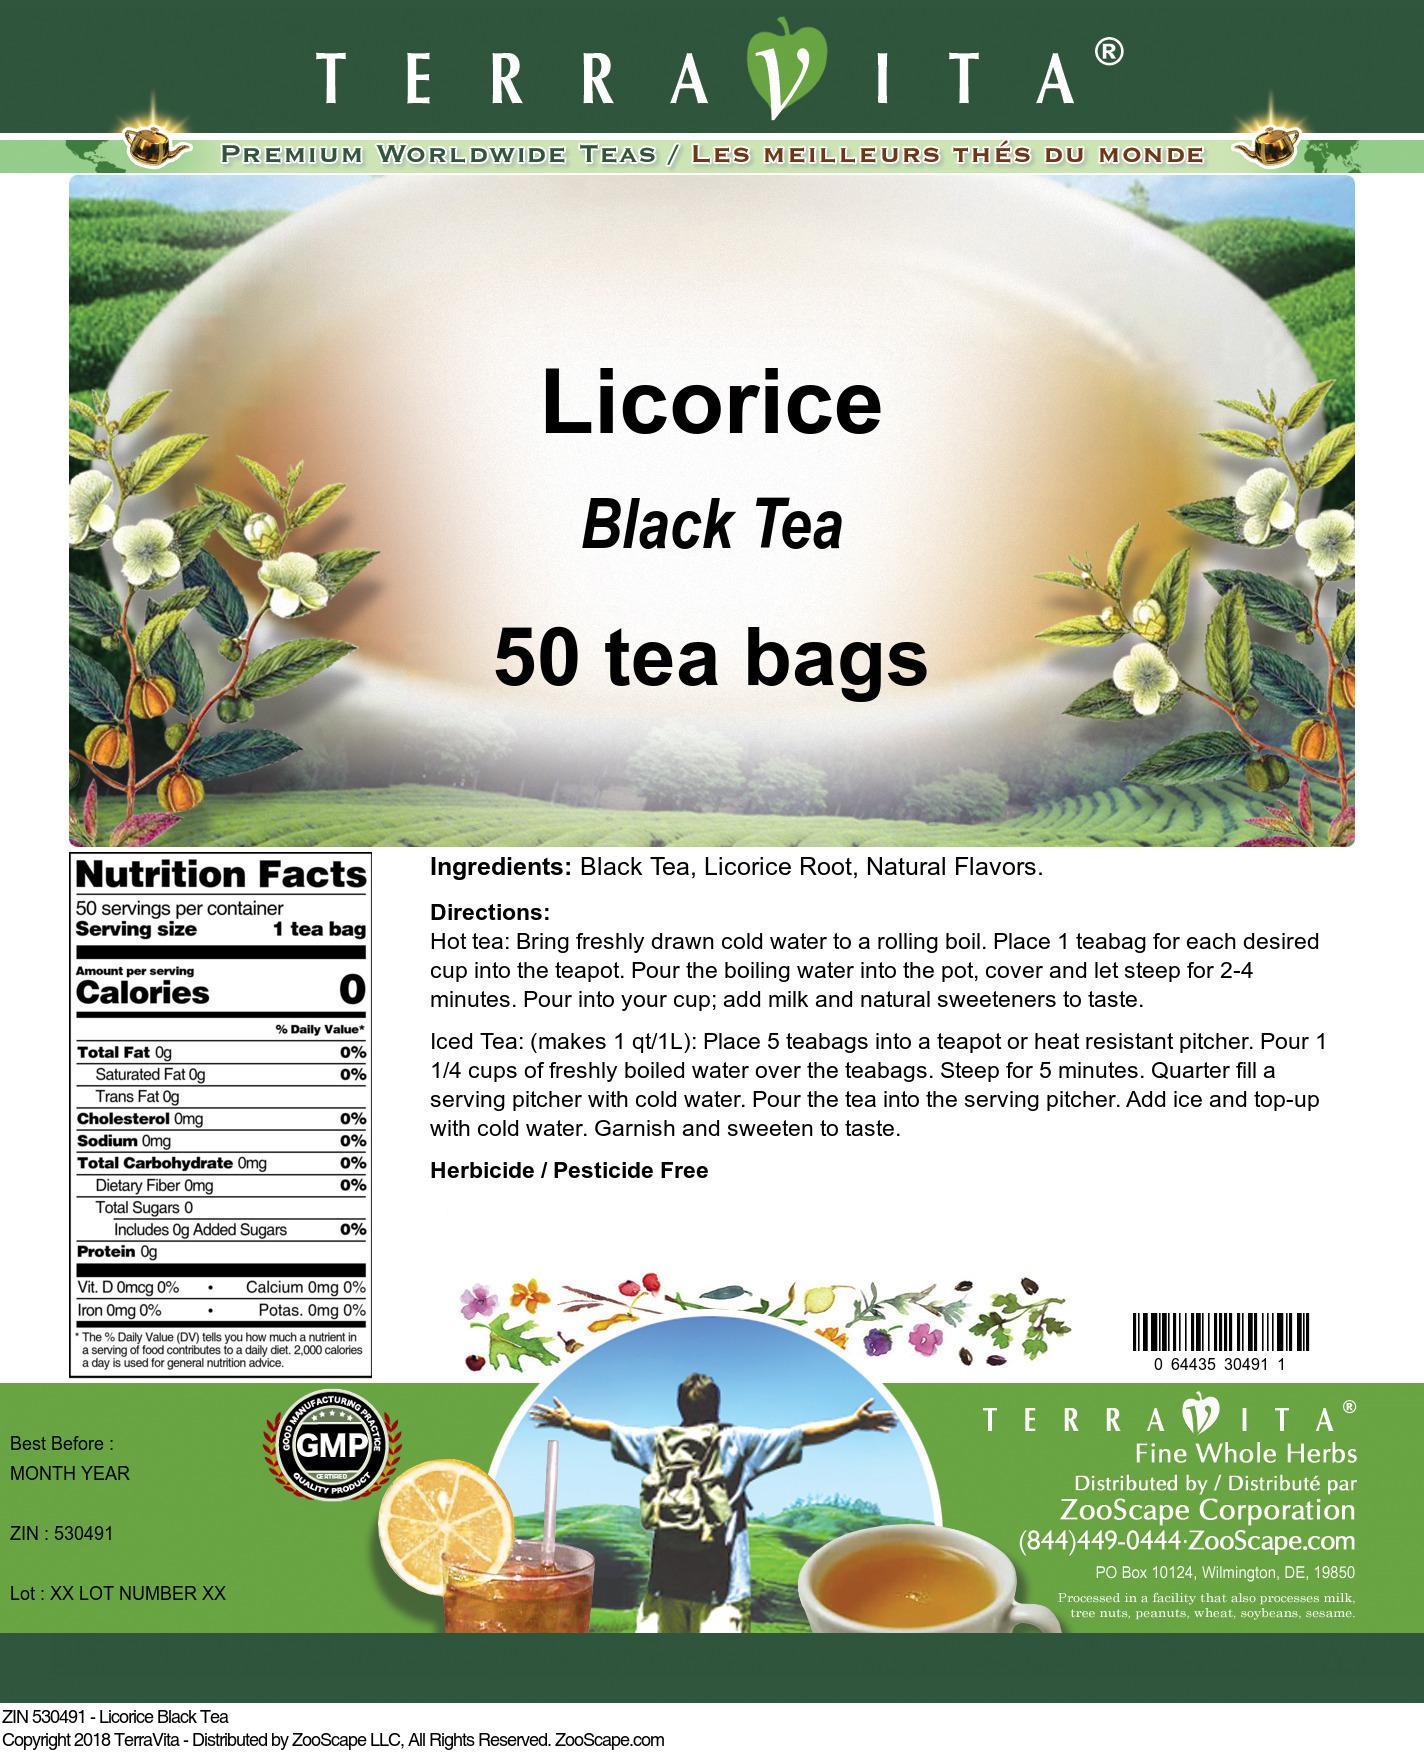 Licorice Black Tea